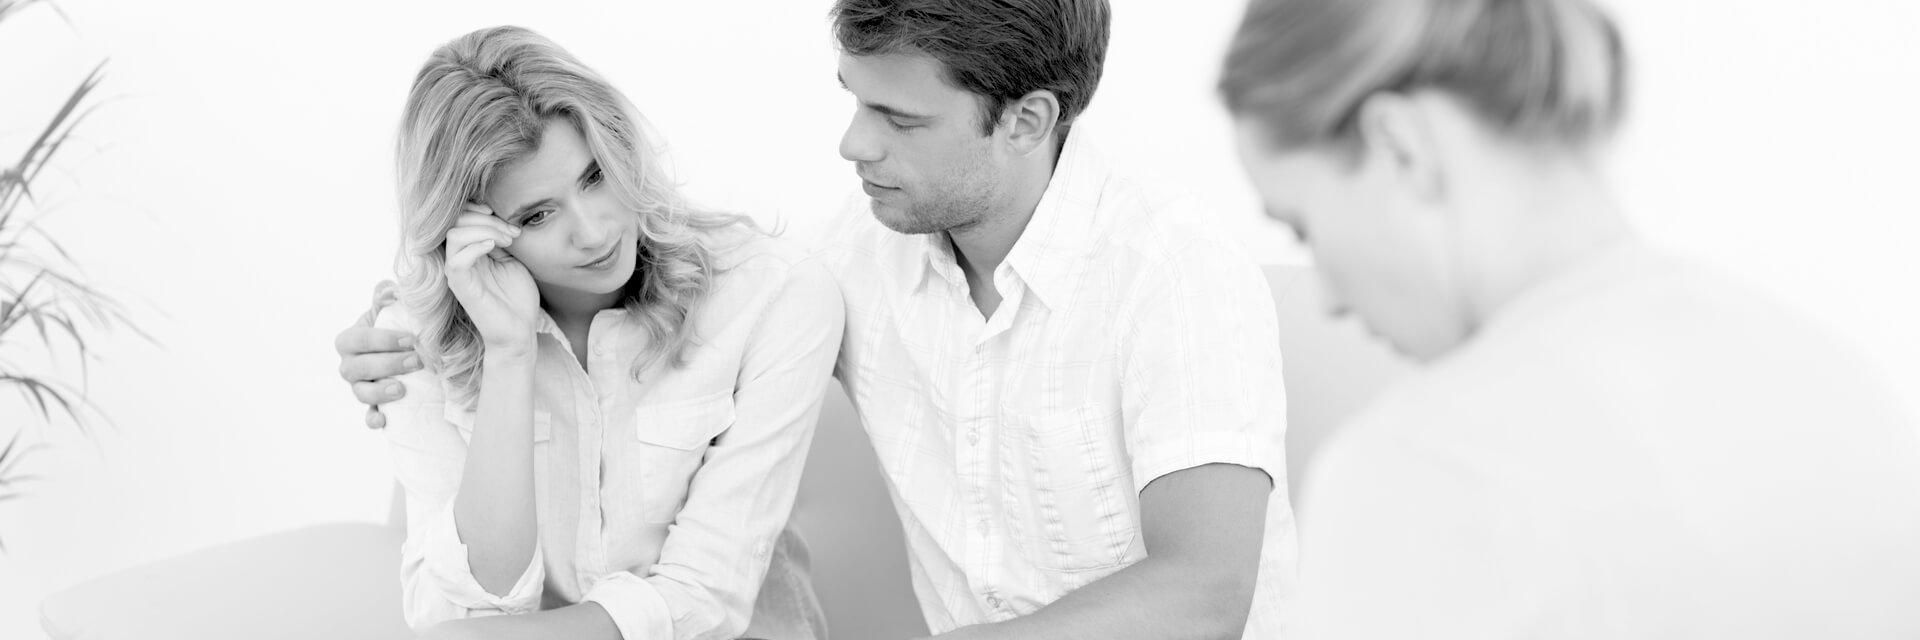 juridisch gescheiden, maar dating